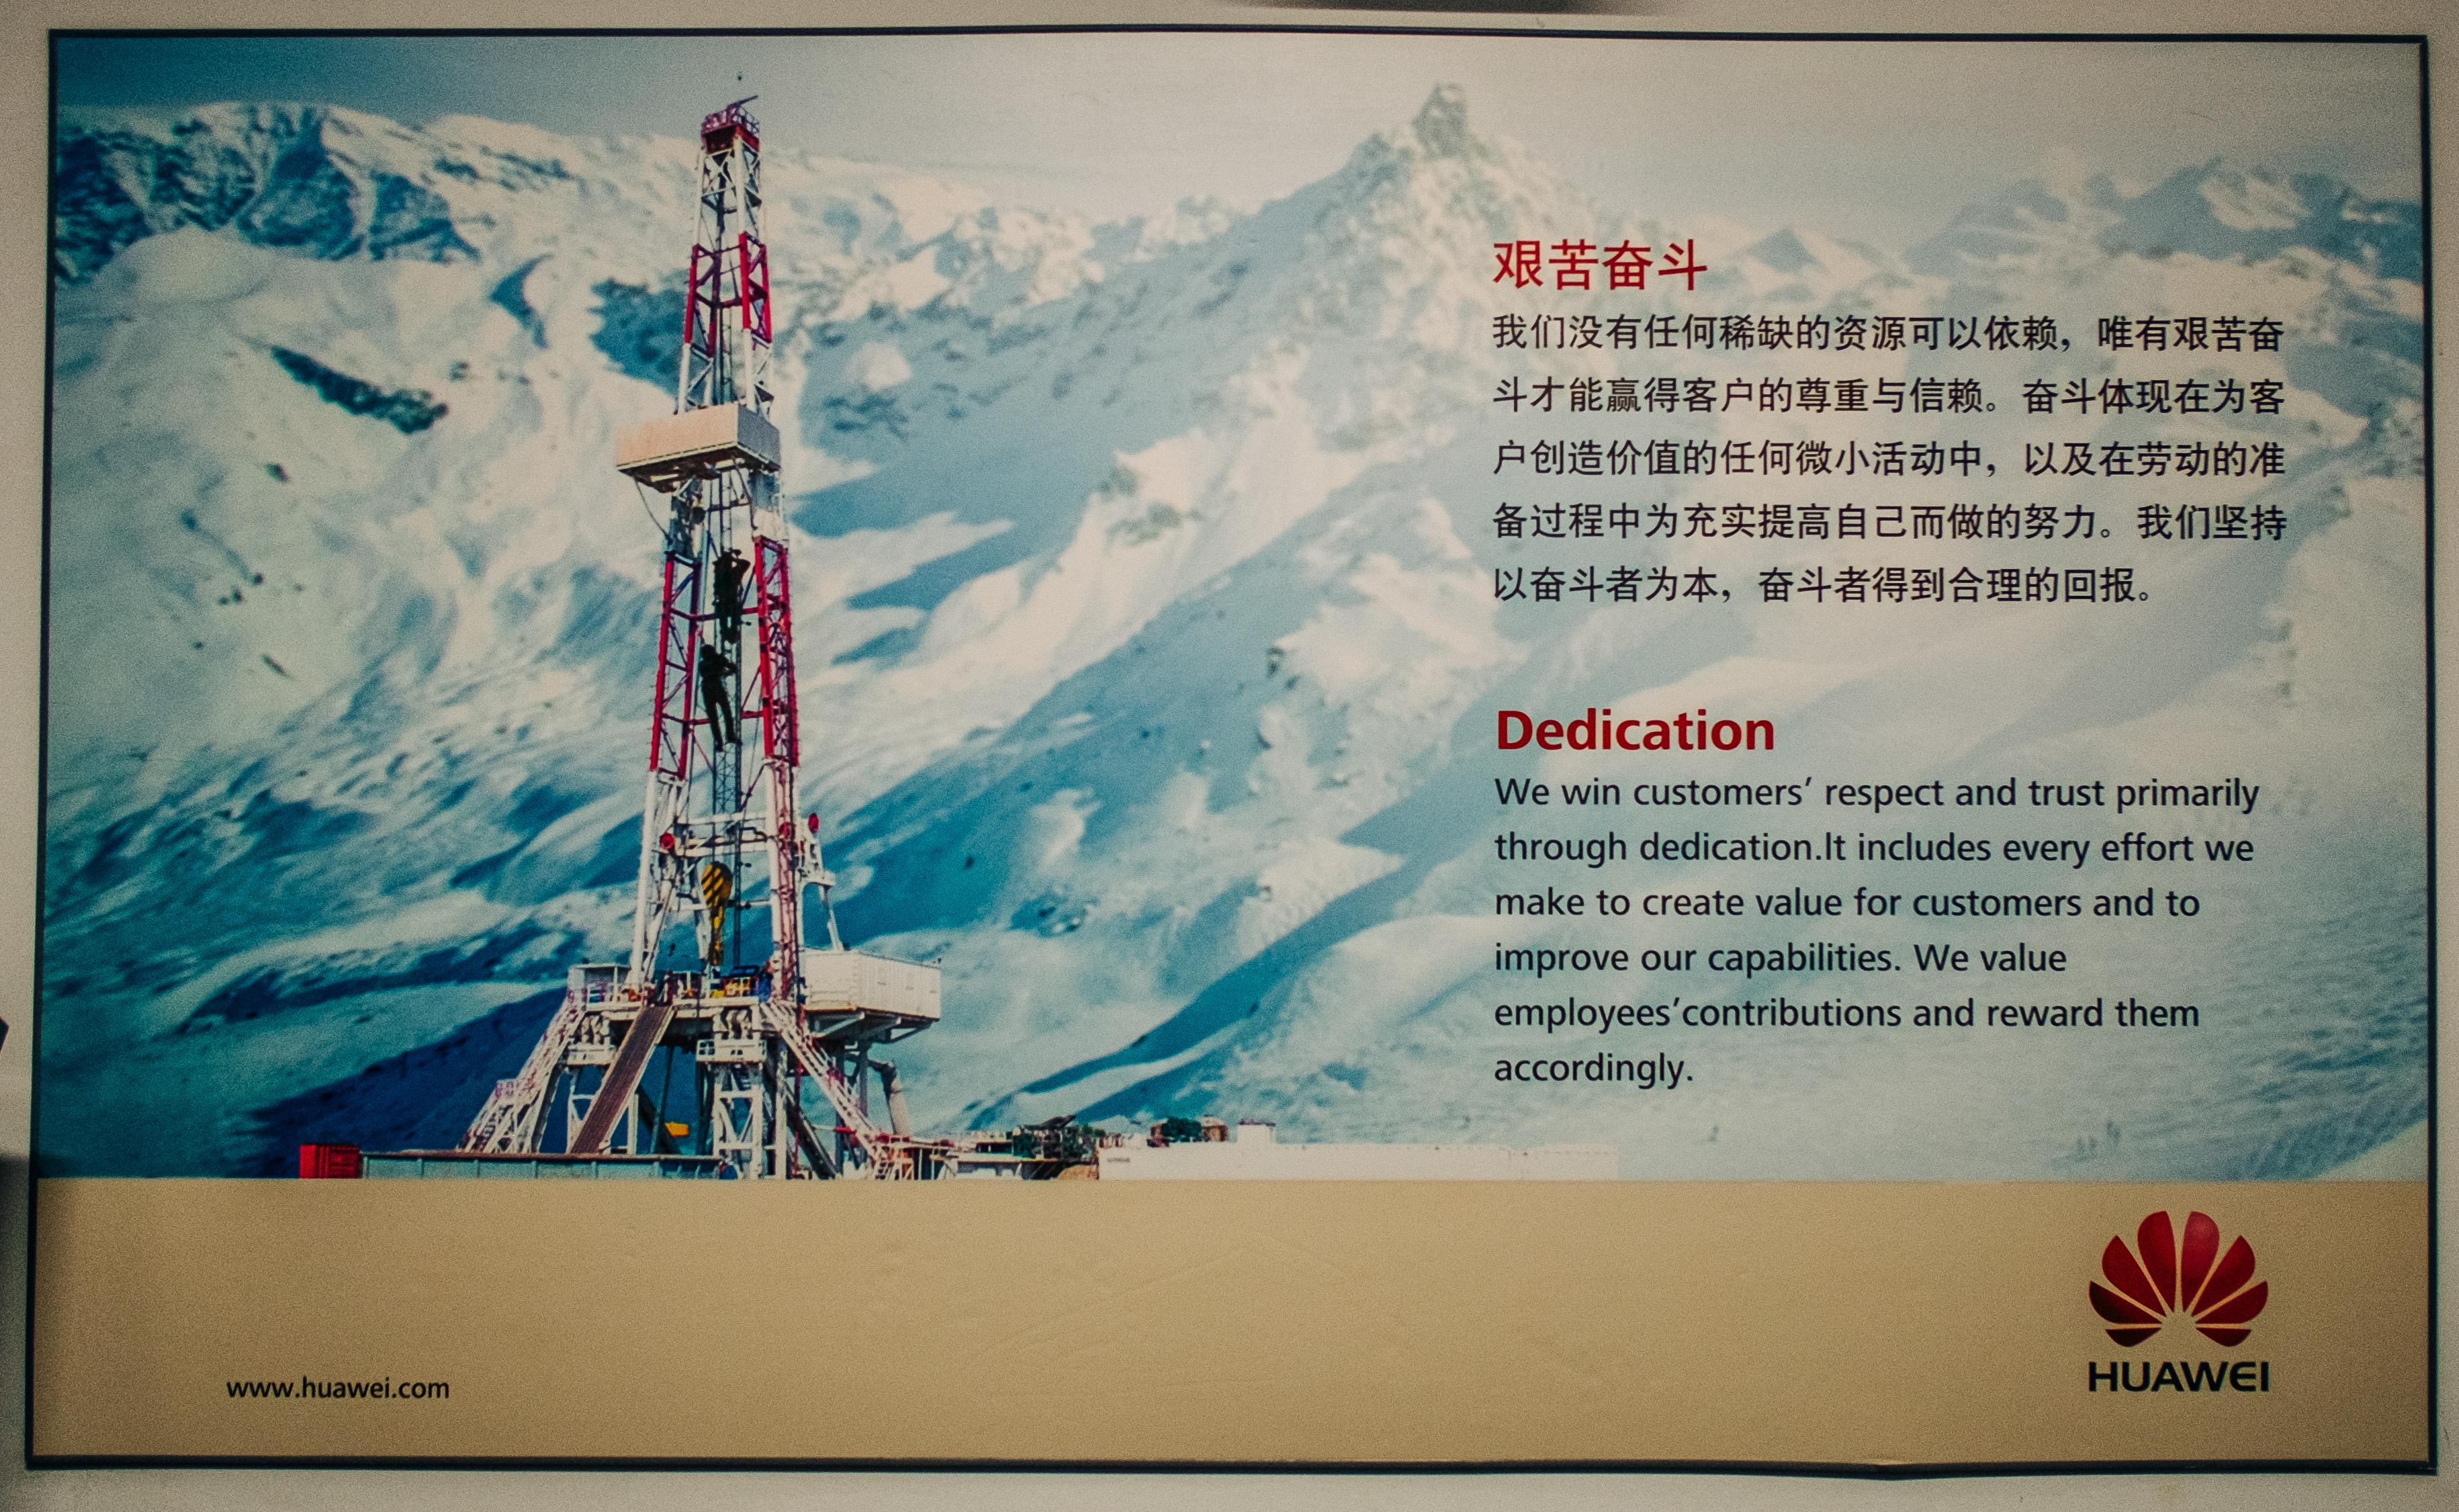 5G von Huawei: Trojanisches Pferd Chinas?